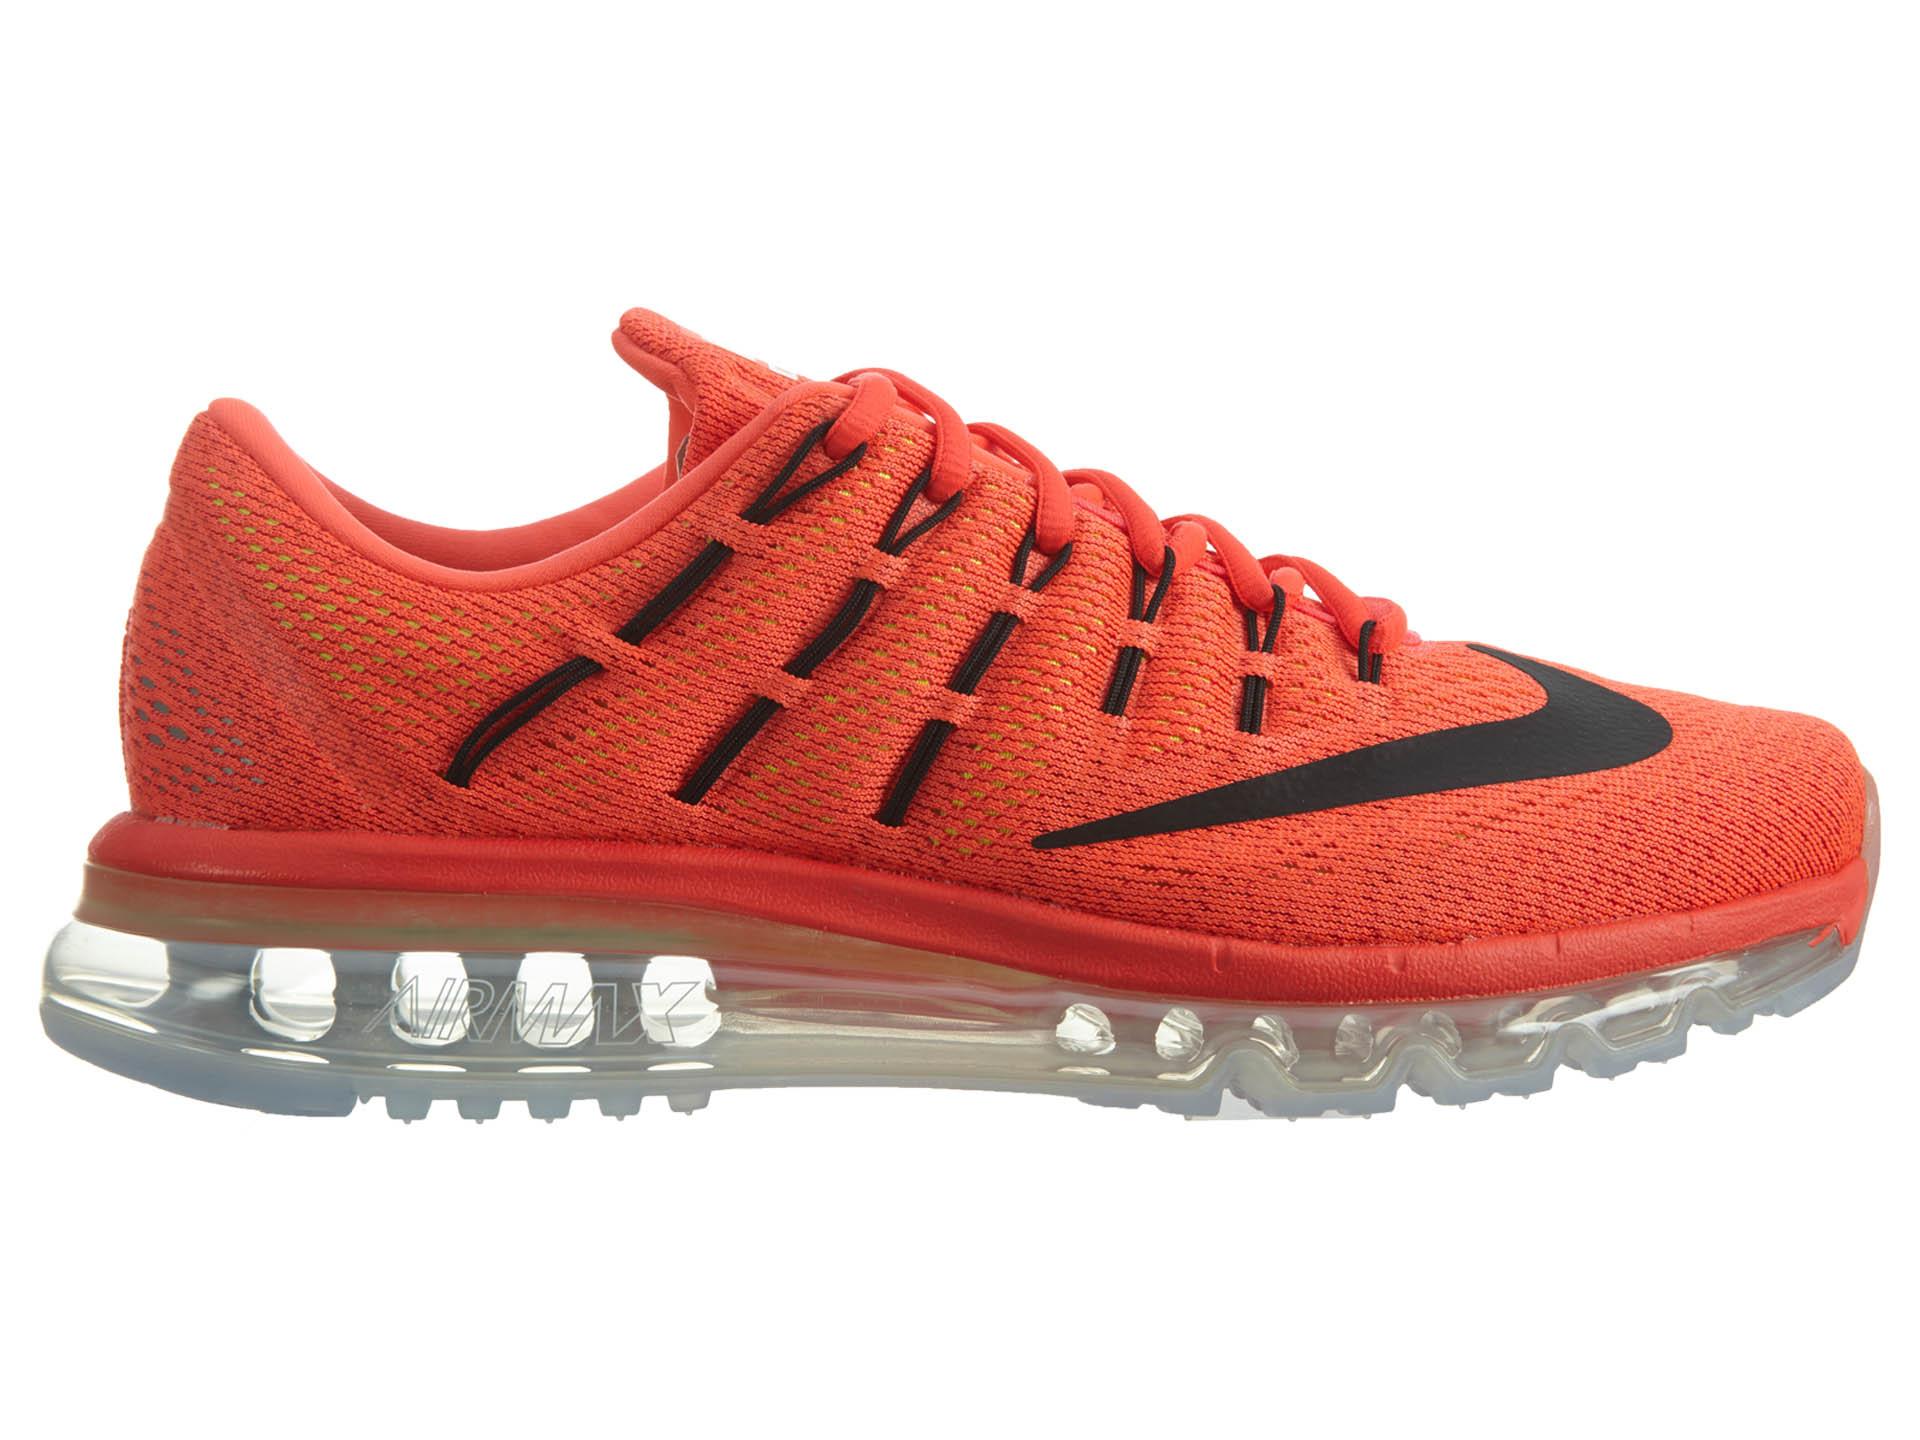 Nike Air Max 2016 806771 600